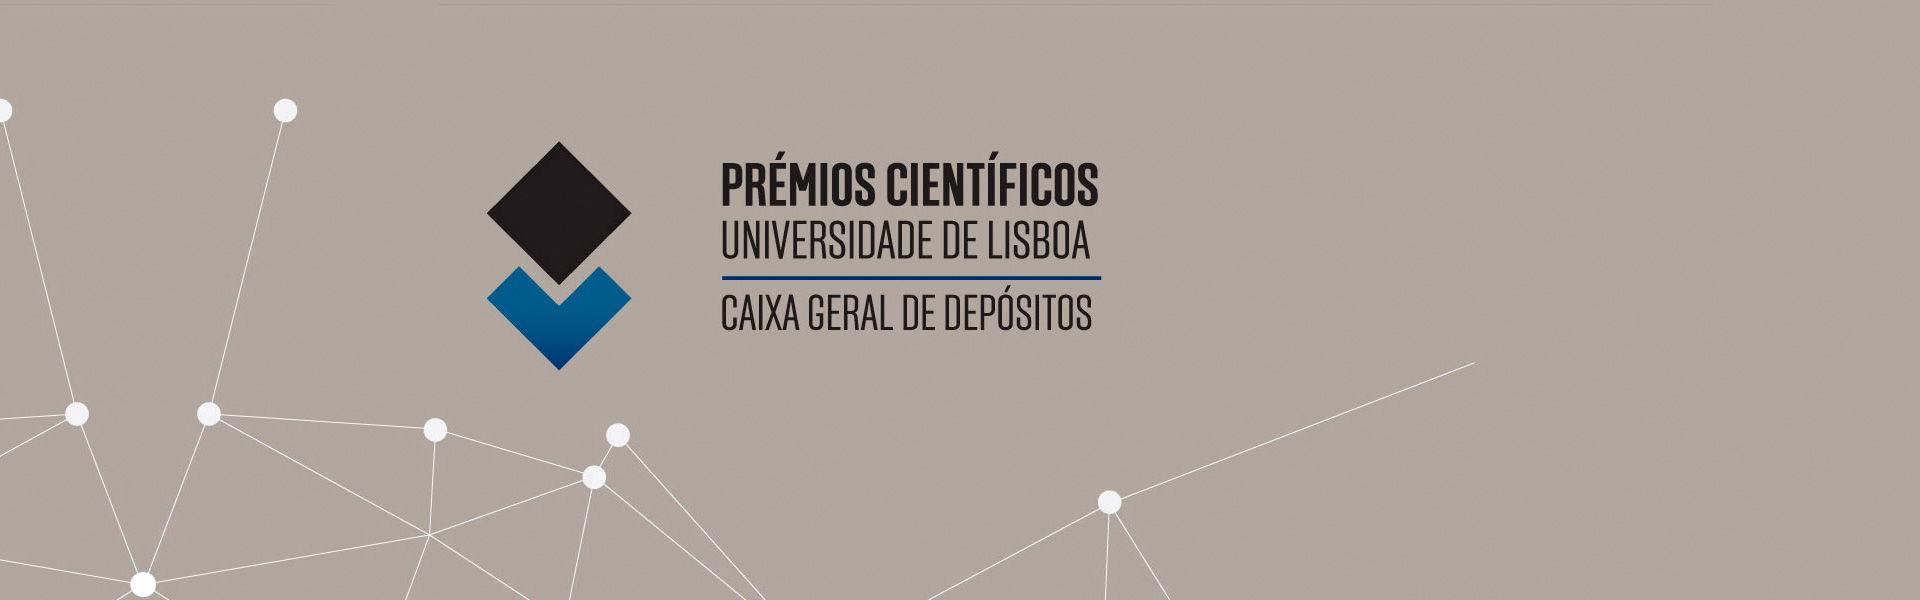 Prémios Científicos Universidade de Lisboa/Caixa Geral de Depósitos | Candidaturas abertas até 10 de julho